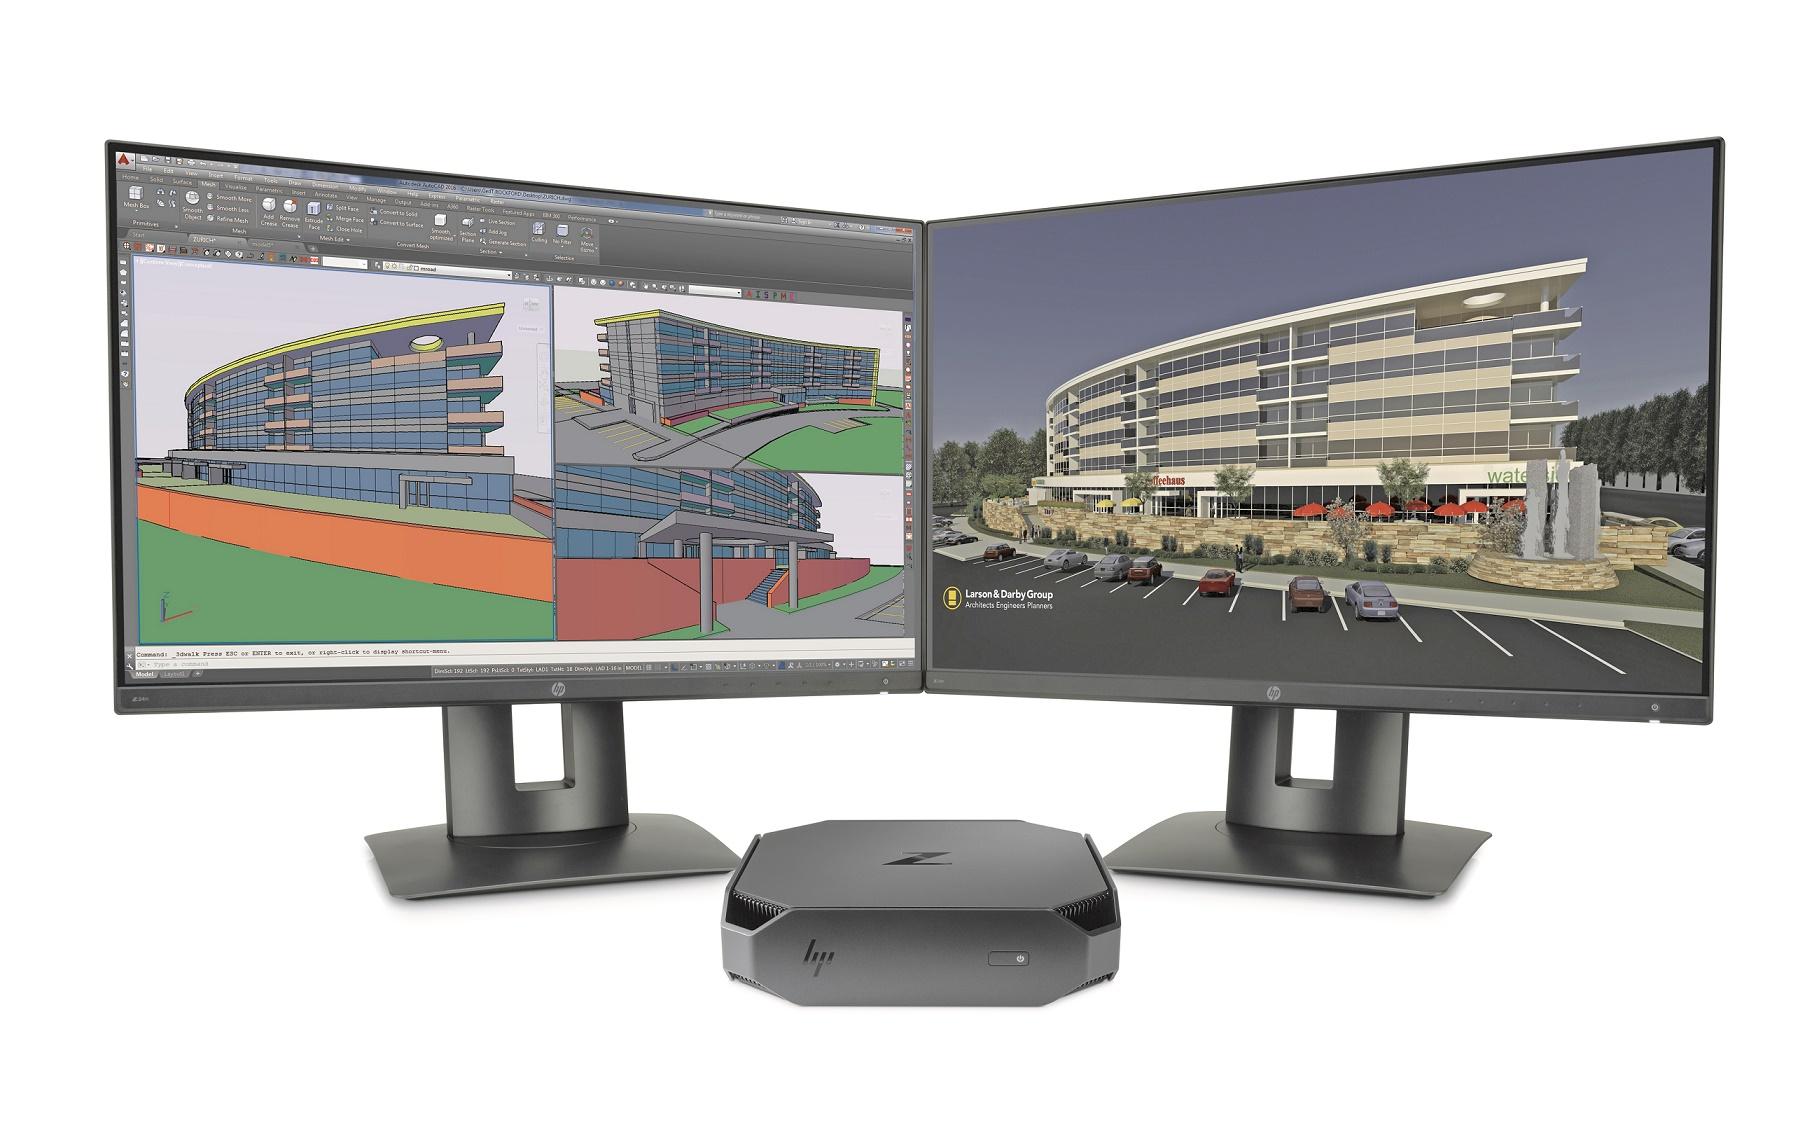 HP Z2 Mini stavia na úspechu HP Z240 SFF, je minimálne dvakrát výkonnejšia ako bežné komerčné mini PC